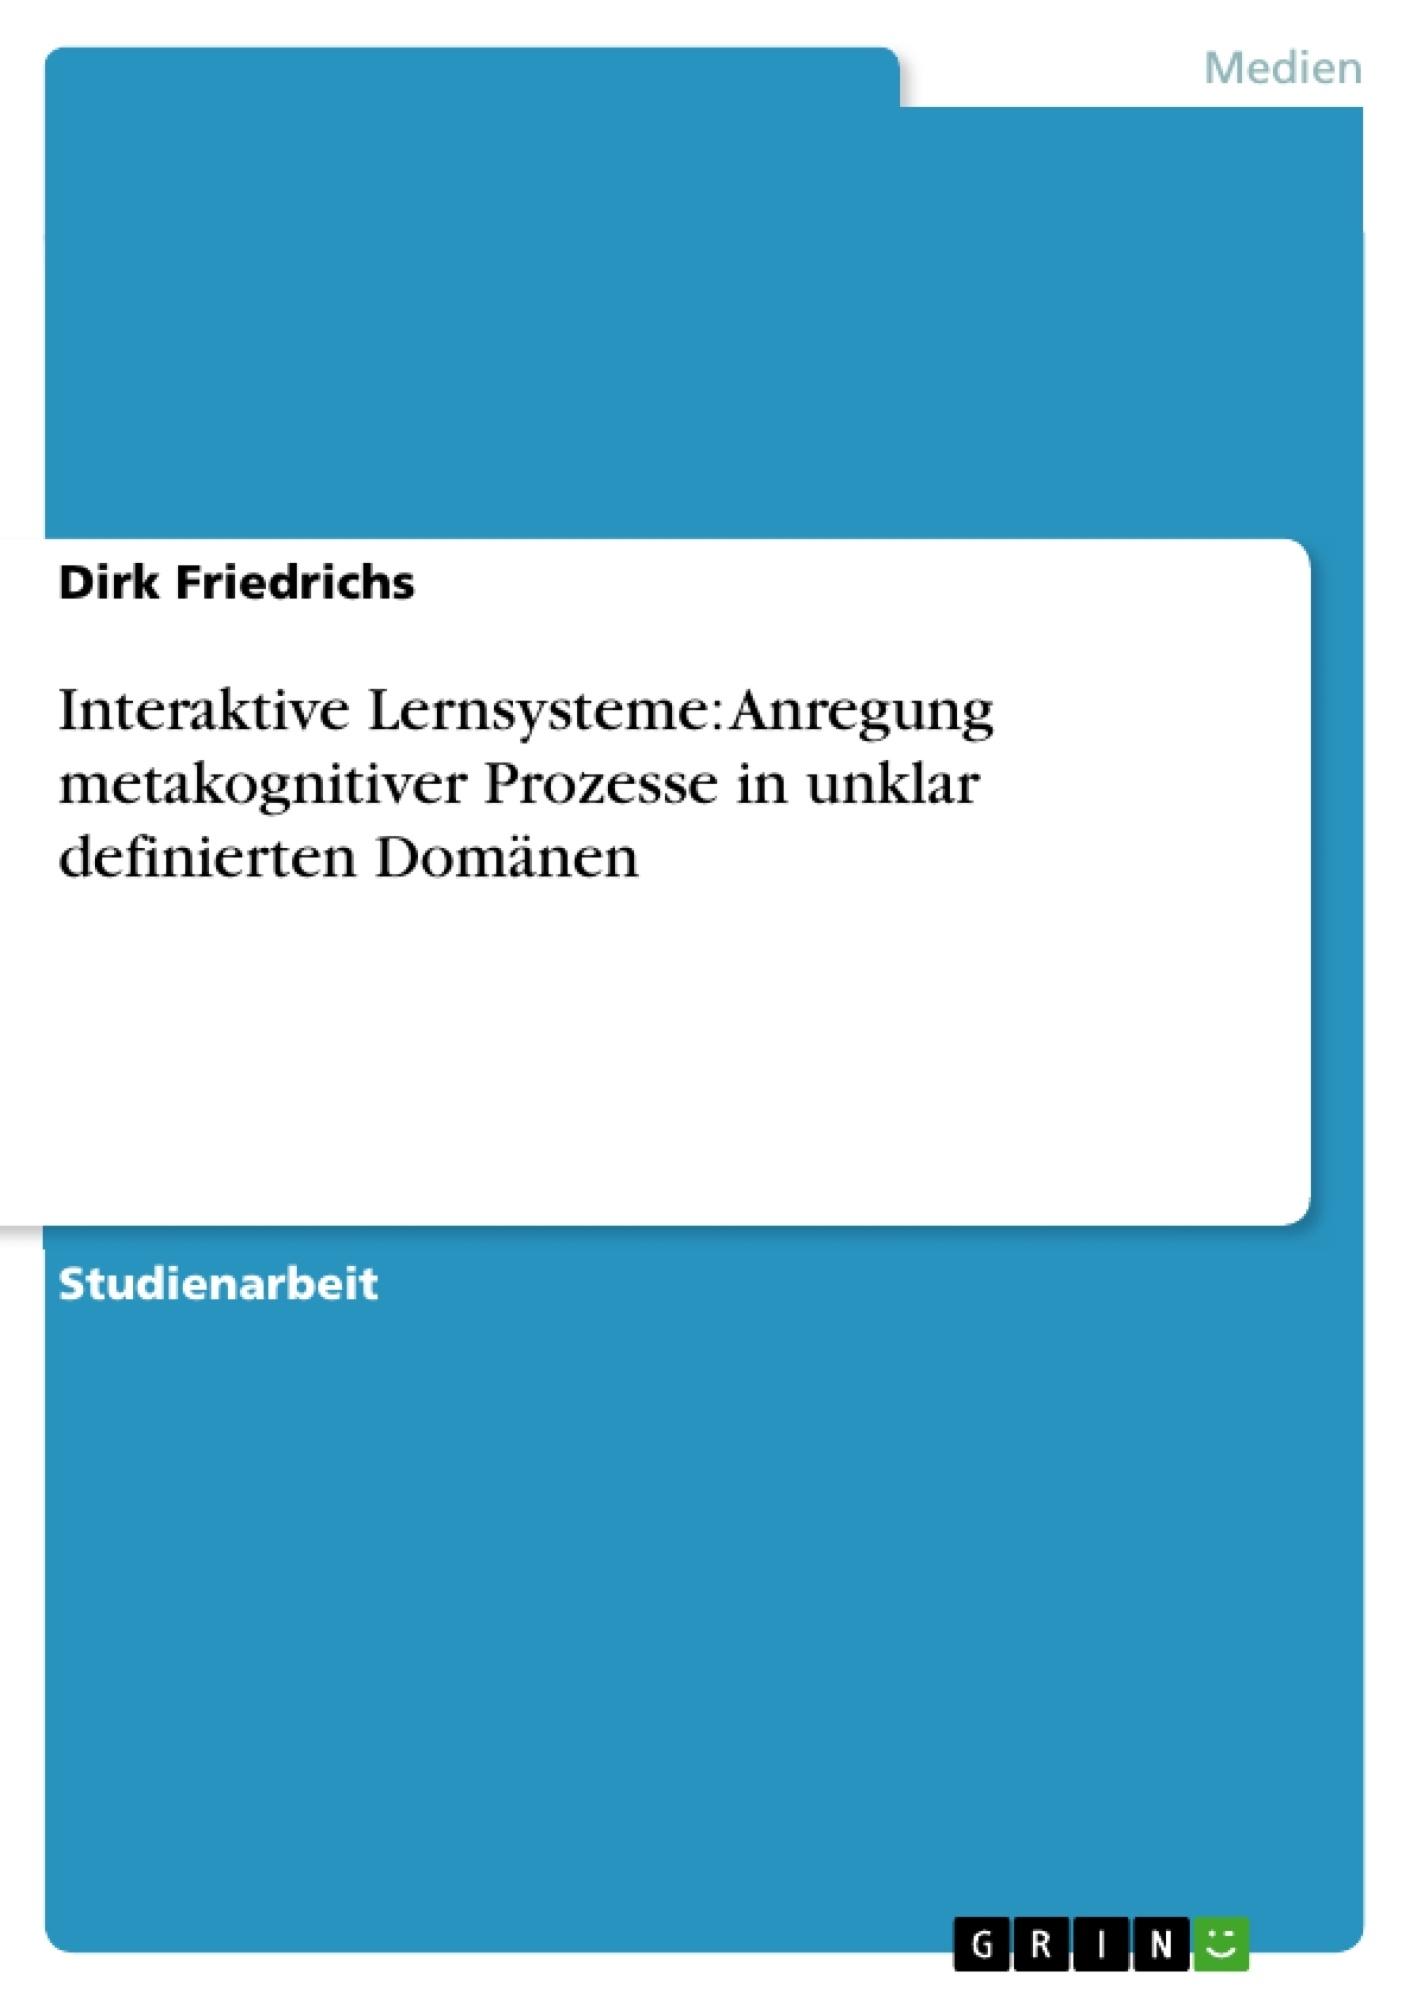 Titel: Interaktive Lernsysteme: Anregung metakognitiver Prozesse in unklar definierten Domänen